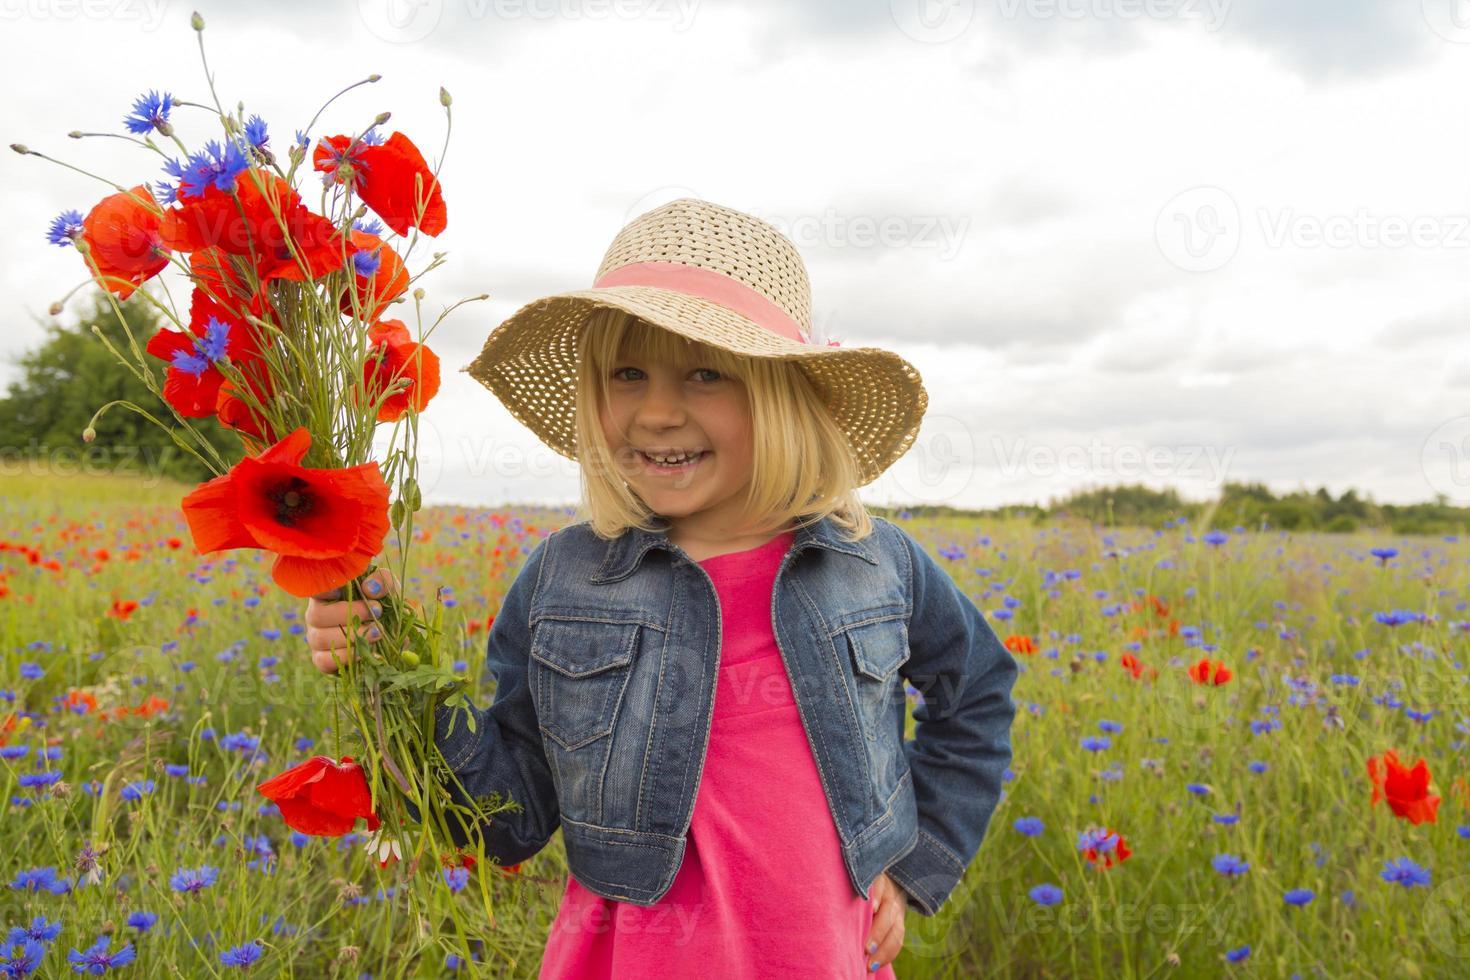 menina feliz com um buquê de flores silvestres. foto